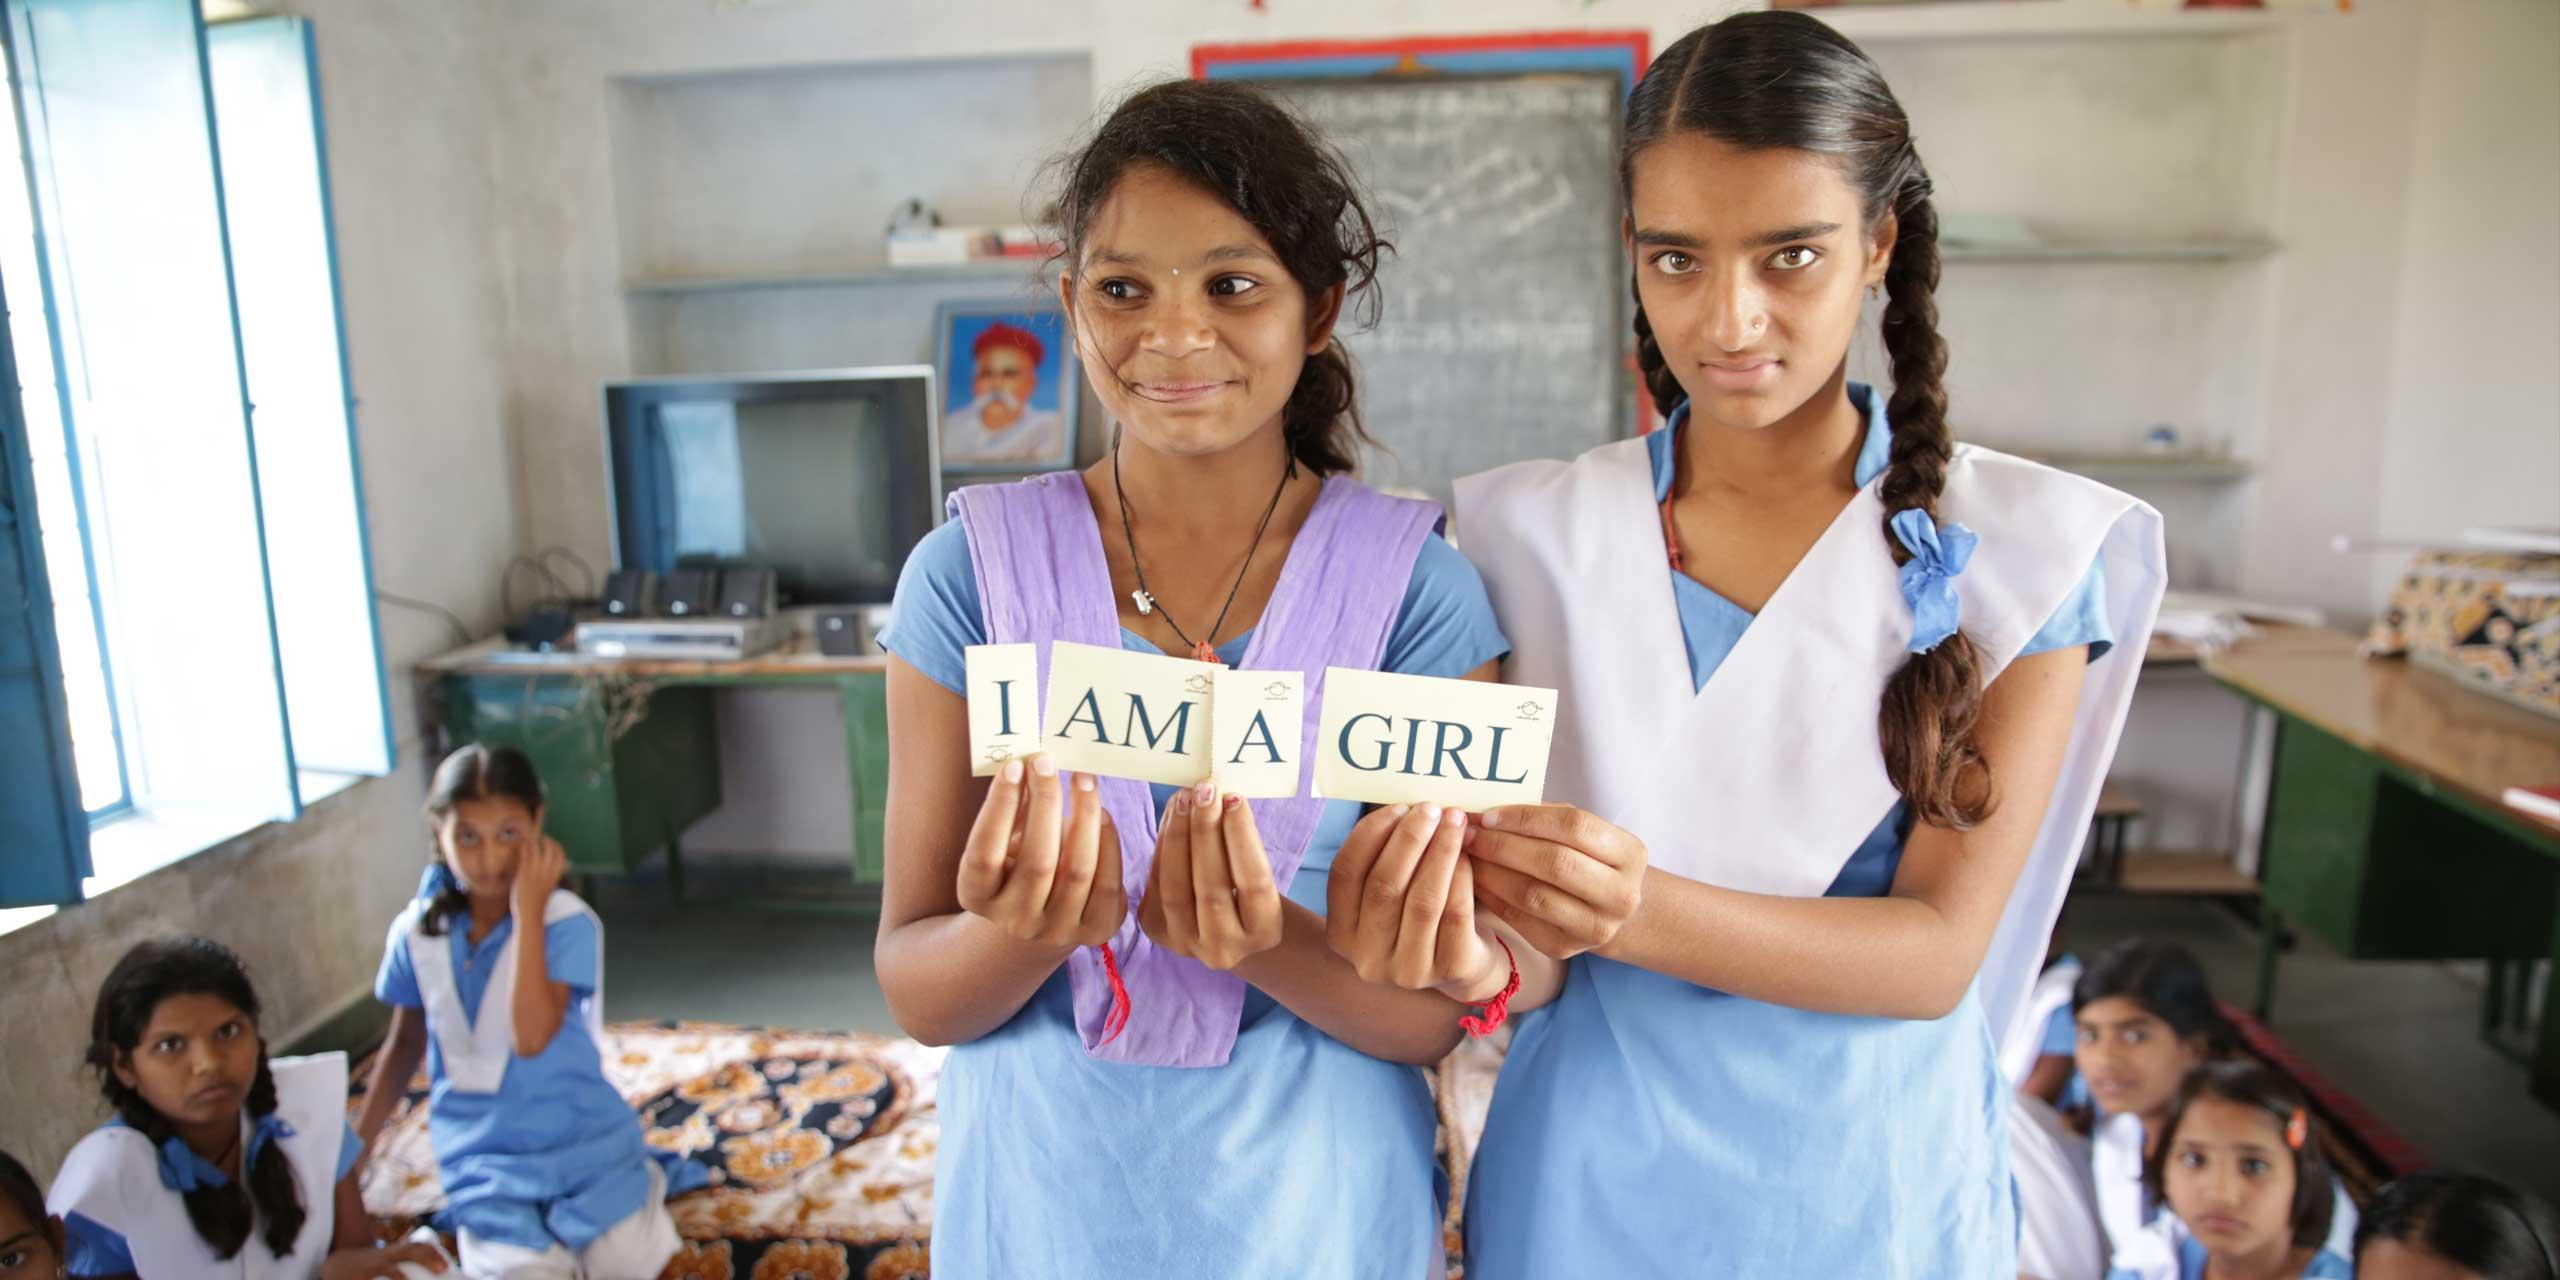 http://staging.skoll.org/wp-content/uploads/2014/02/educate-girls-sl4.jpg